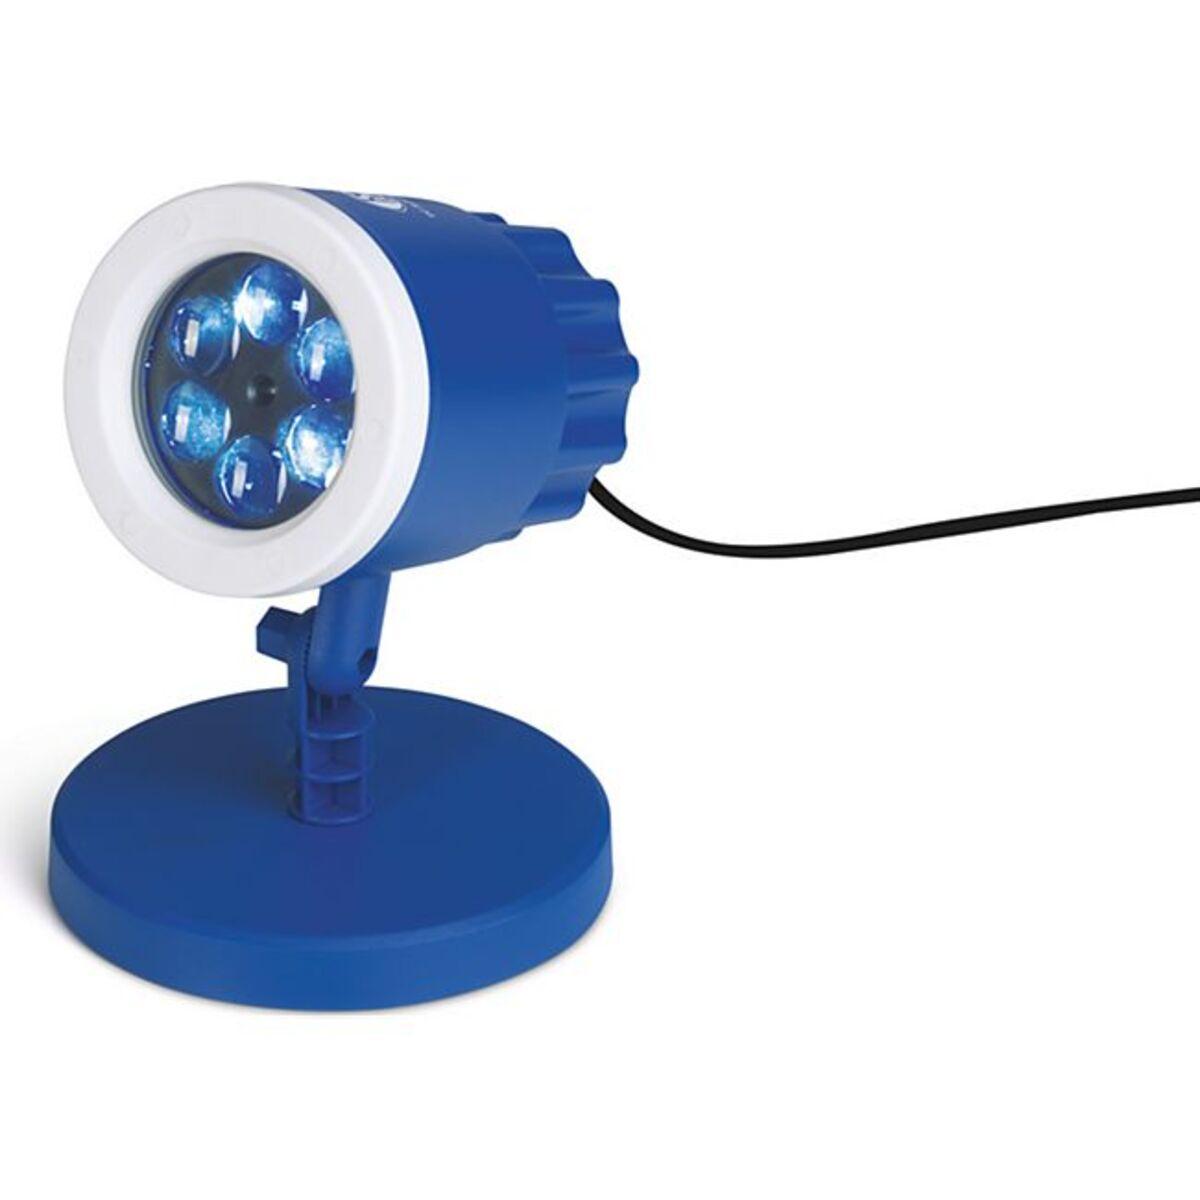 Bild 1 von S04 LED-Motivstrahler 7,5W blau/weiß mit Logo